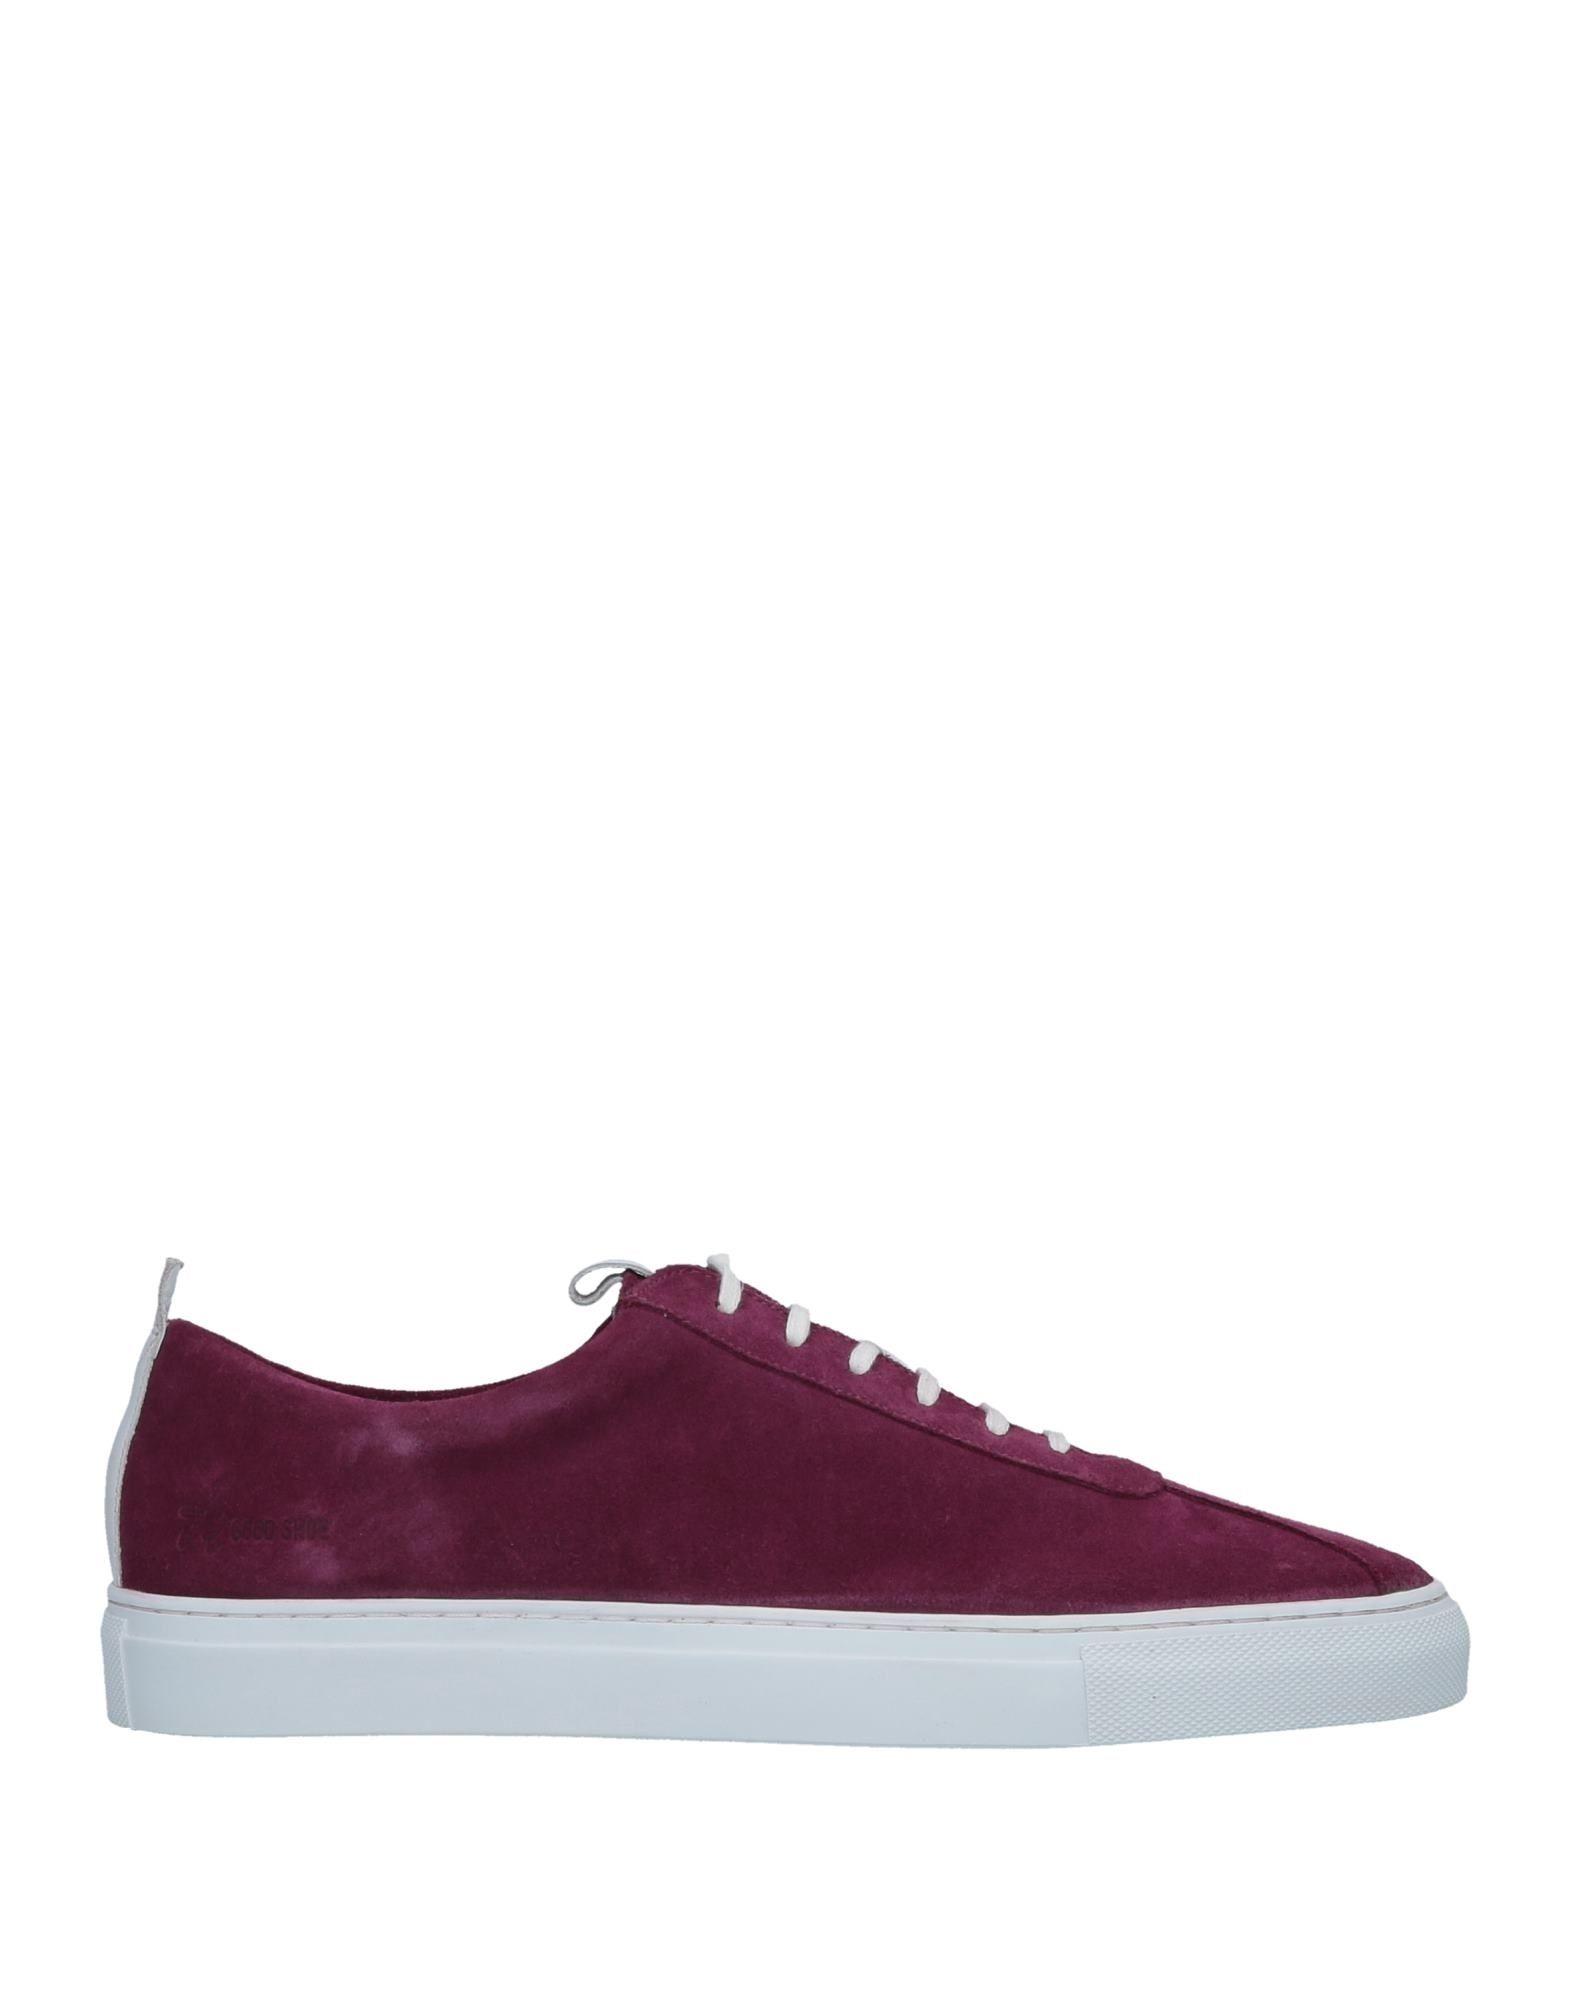 Scarpe economiche e resistenti Sneakers Grenson Uomo - 11507111TW